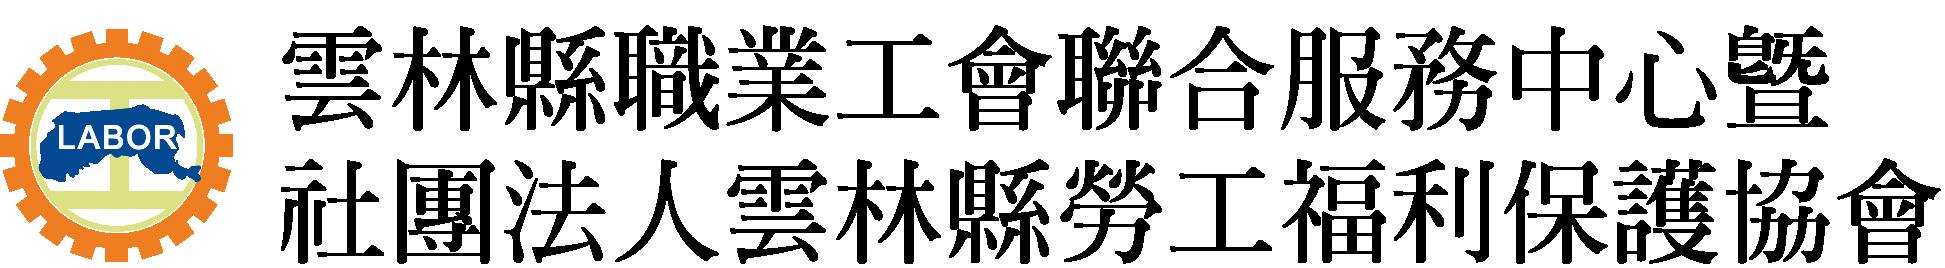 雲林縣職業工會聯合服務中心暨社團法人雲林縣勞工福利保護協會 Logo